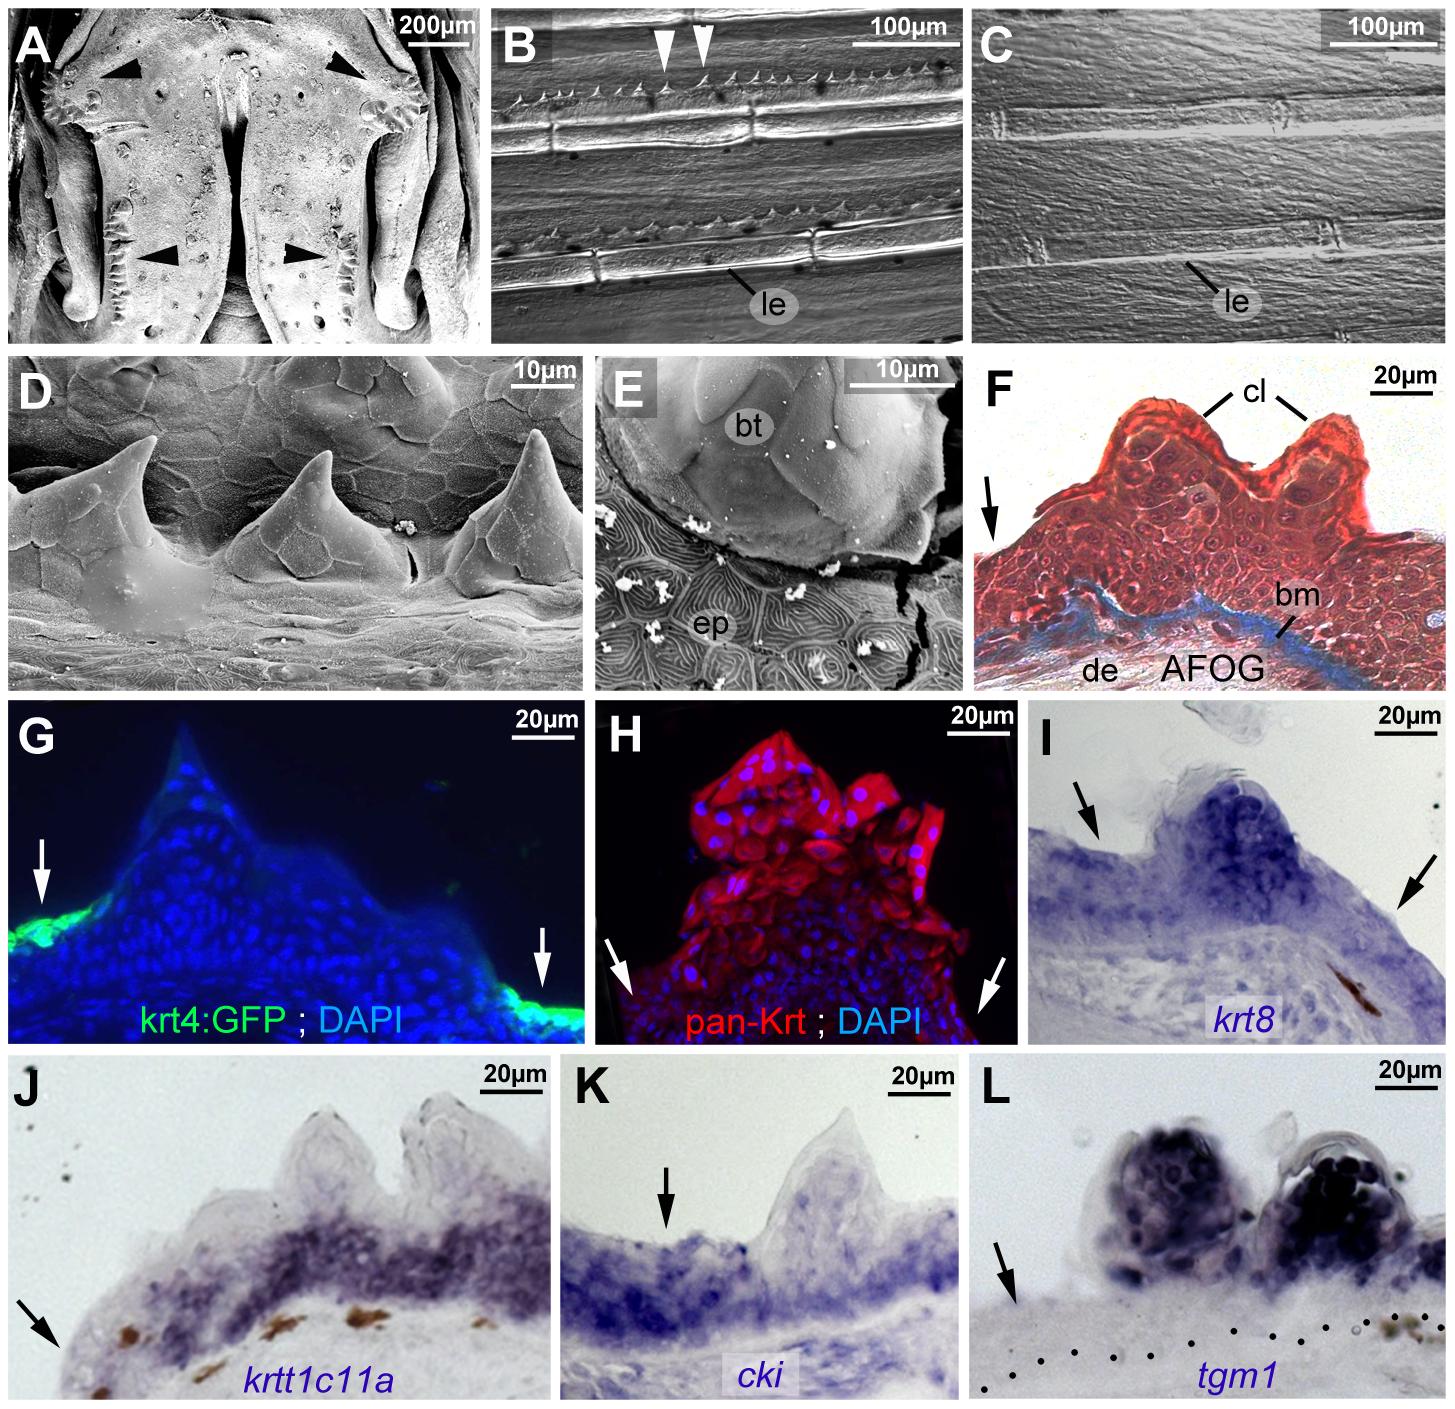 Breeding tubercle keratinocytes undergo more advanced keratinization.